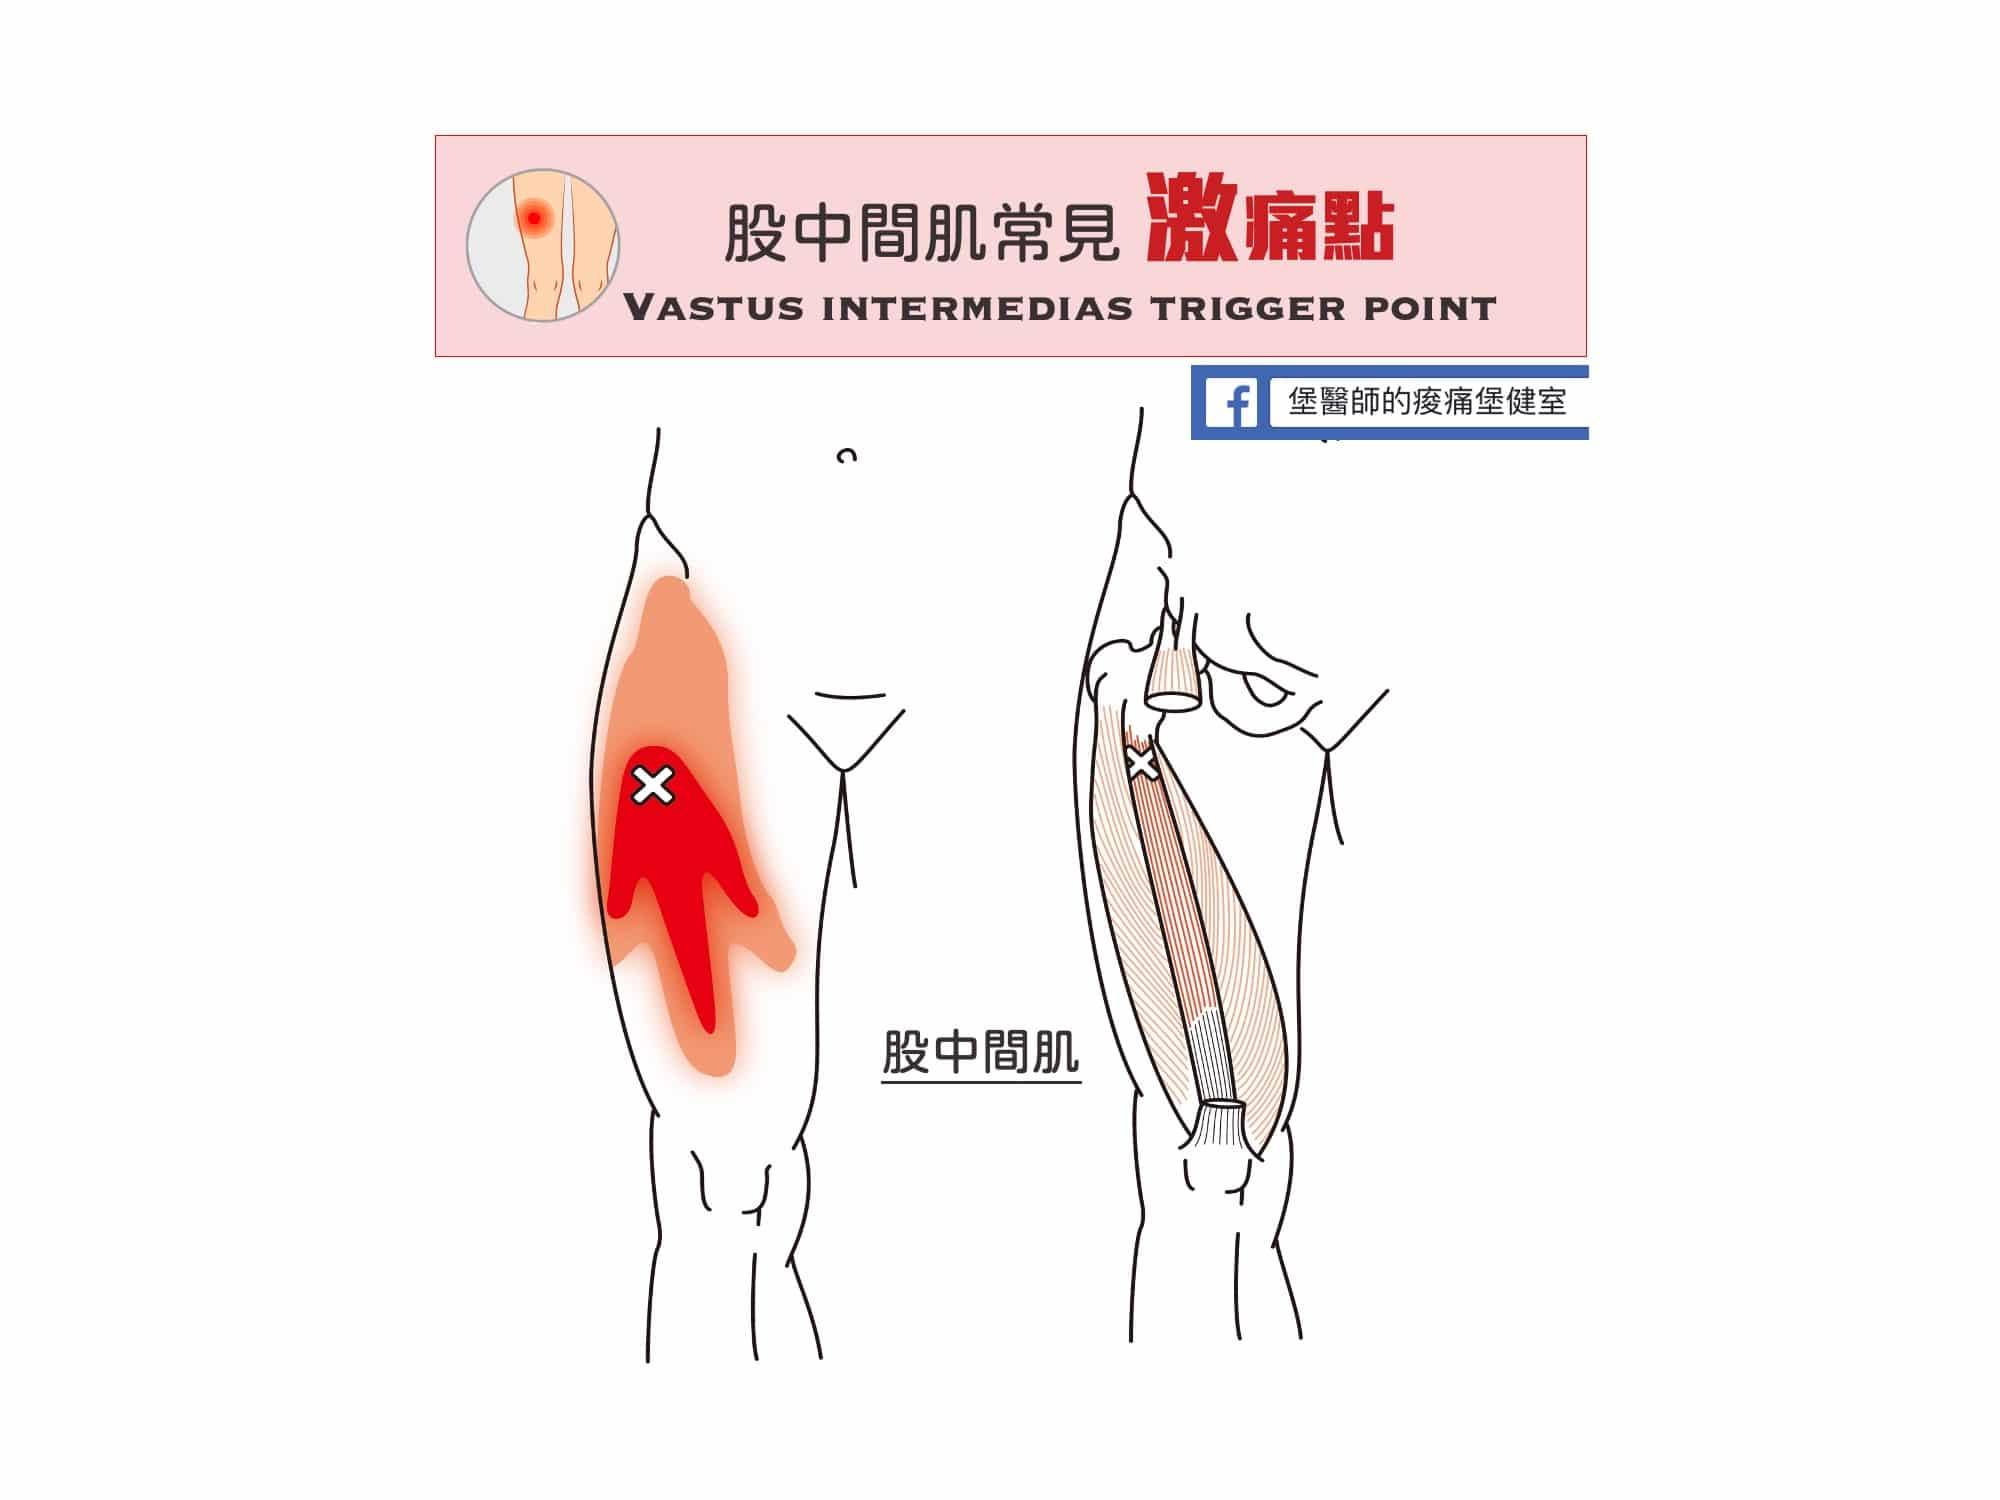 大腿痛-股中間肌常見激痛點